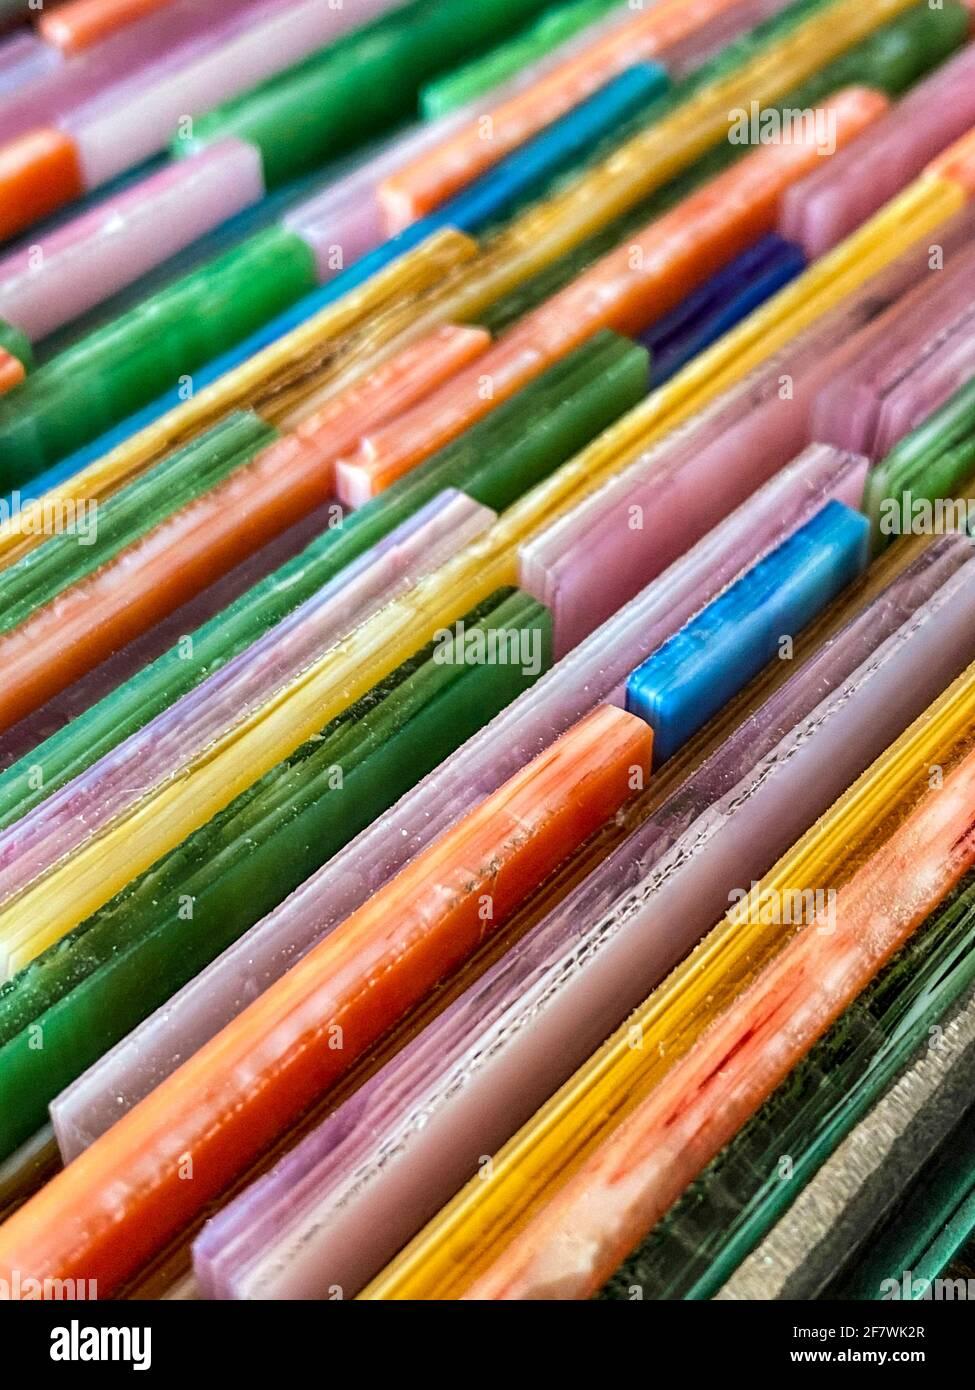 Colorati pezzi di vetro colorato. Mettere a fuoco in primo piano Foto Stock